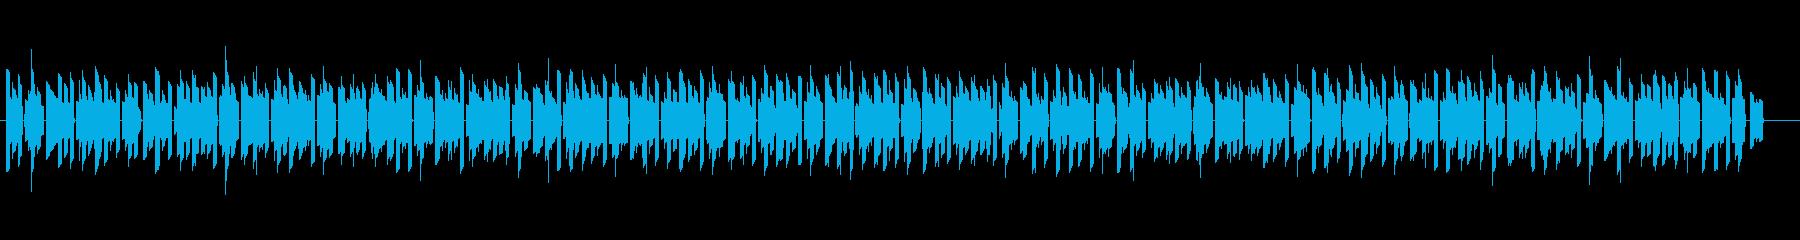 コンピュータ動作・ピコピコ・レトロ・SFの再生済みの波形